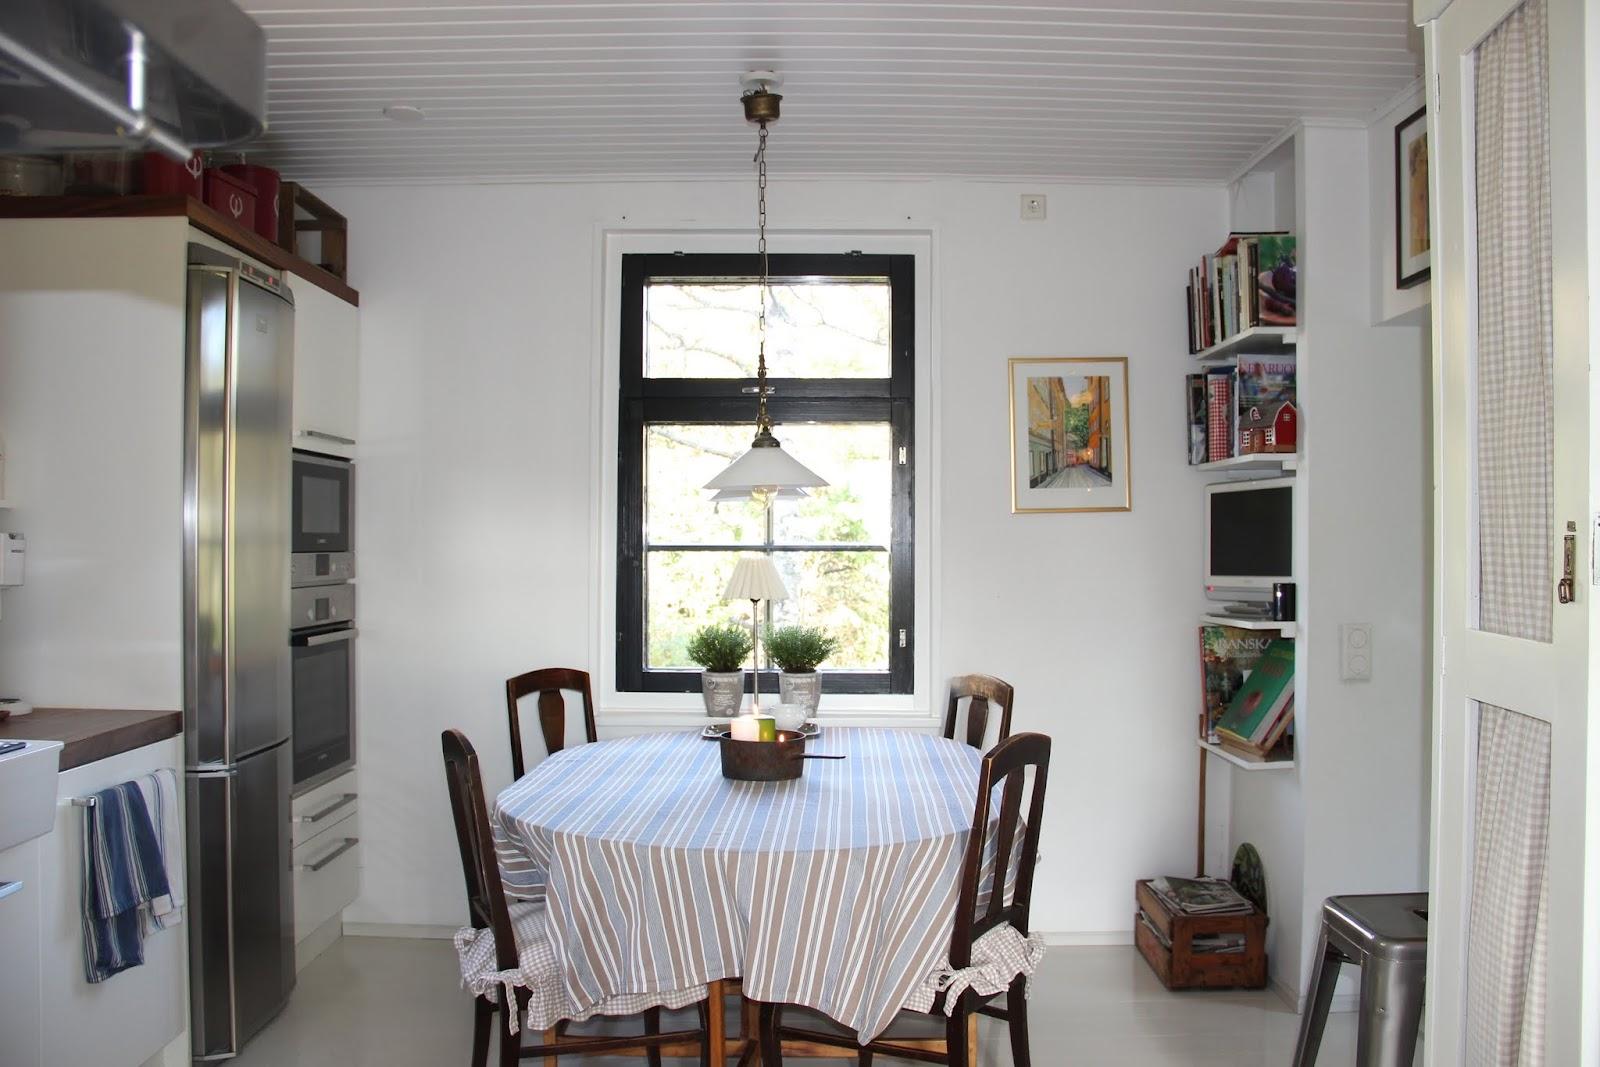 Lampen Riviera Maison : Rivièra maison the eiffel tour lamp mit lampenschirm medienhaus